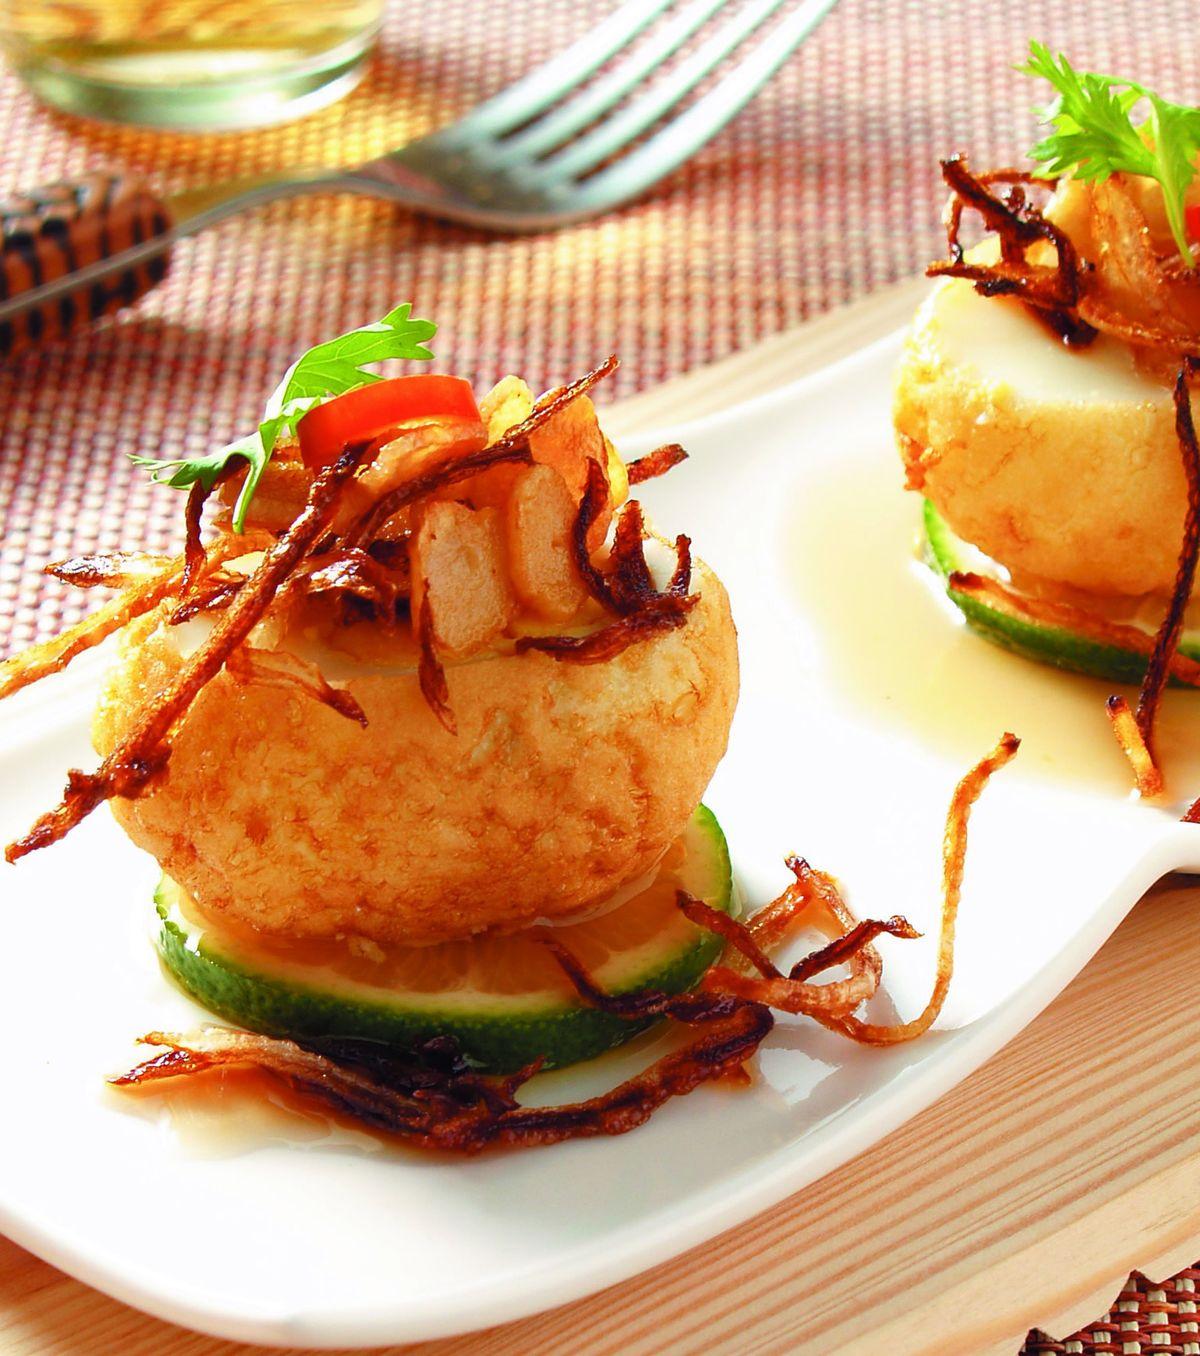 食譜:泰式香炸雞蛋